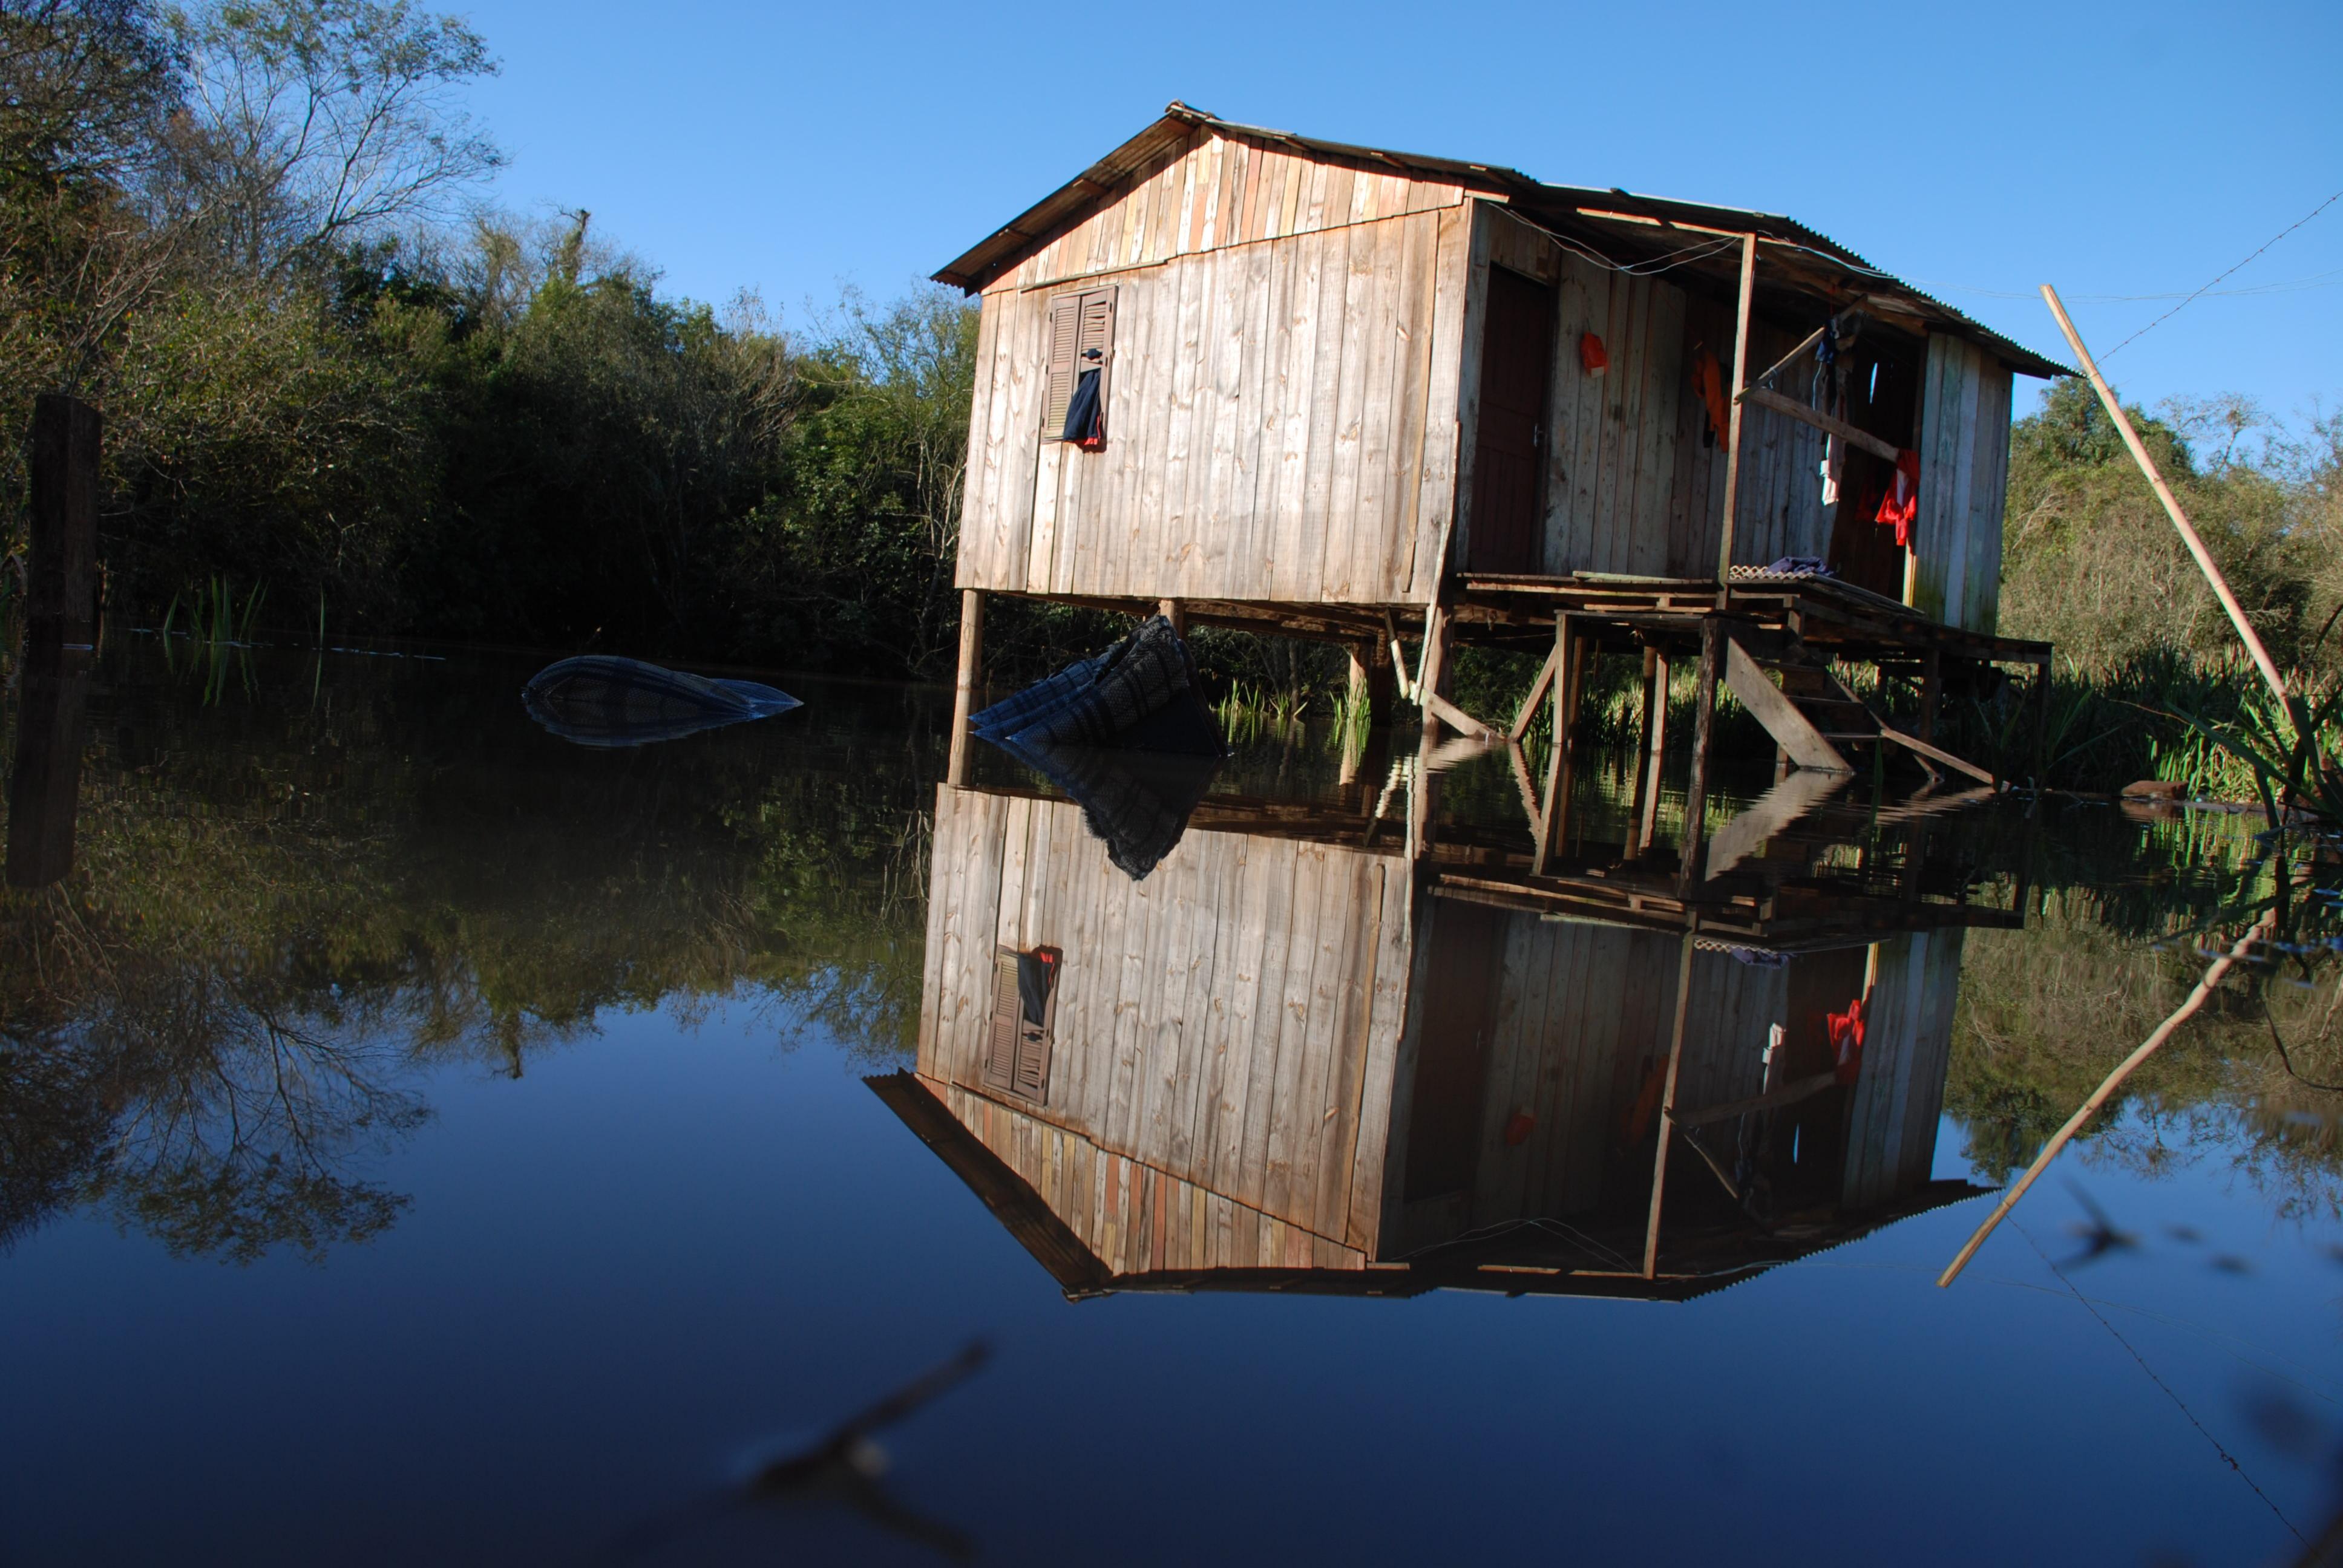 Enchente em São leopoldo